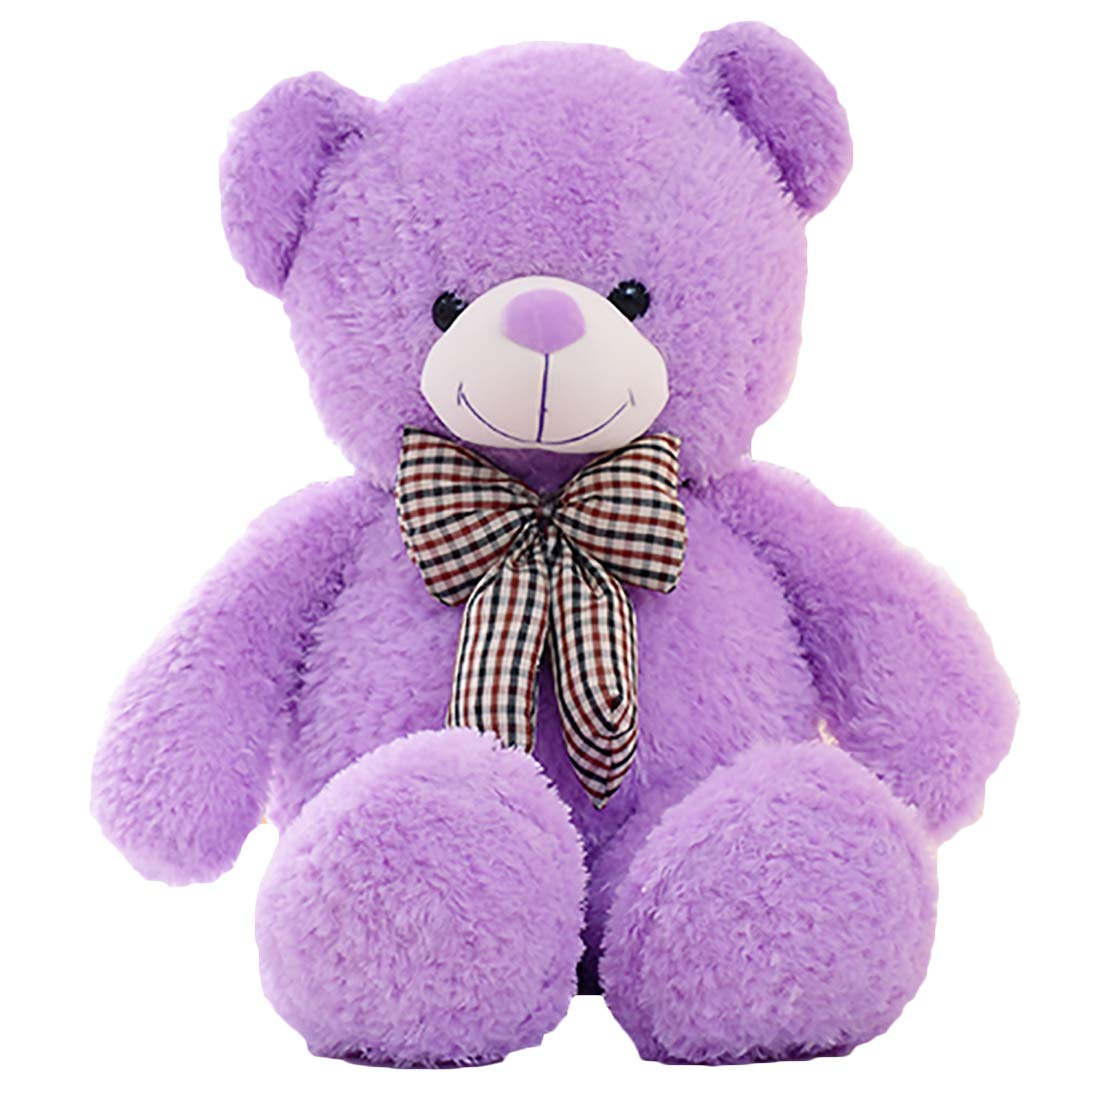 Zhyaj Teddybär,Bow Tie Bear Plüsch Handgefertigt Netter Entwurf Kein Geruch Es Ist eine PlüSchpuppe Super Weißher PlüSch Und PP-Baumwollpolsterung 80180CM Ist Eine Perfekte Wahl lila L